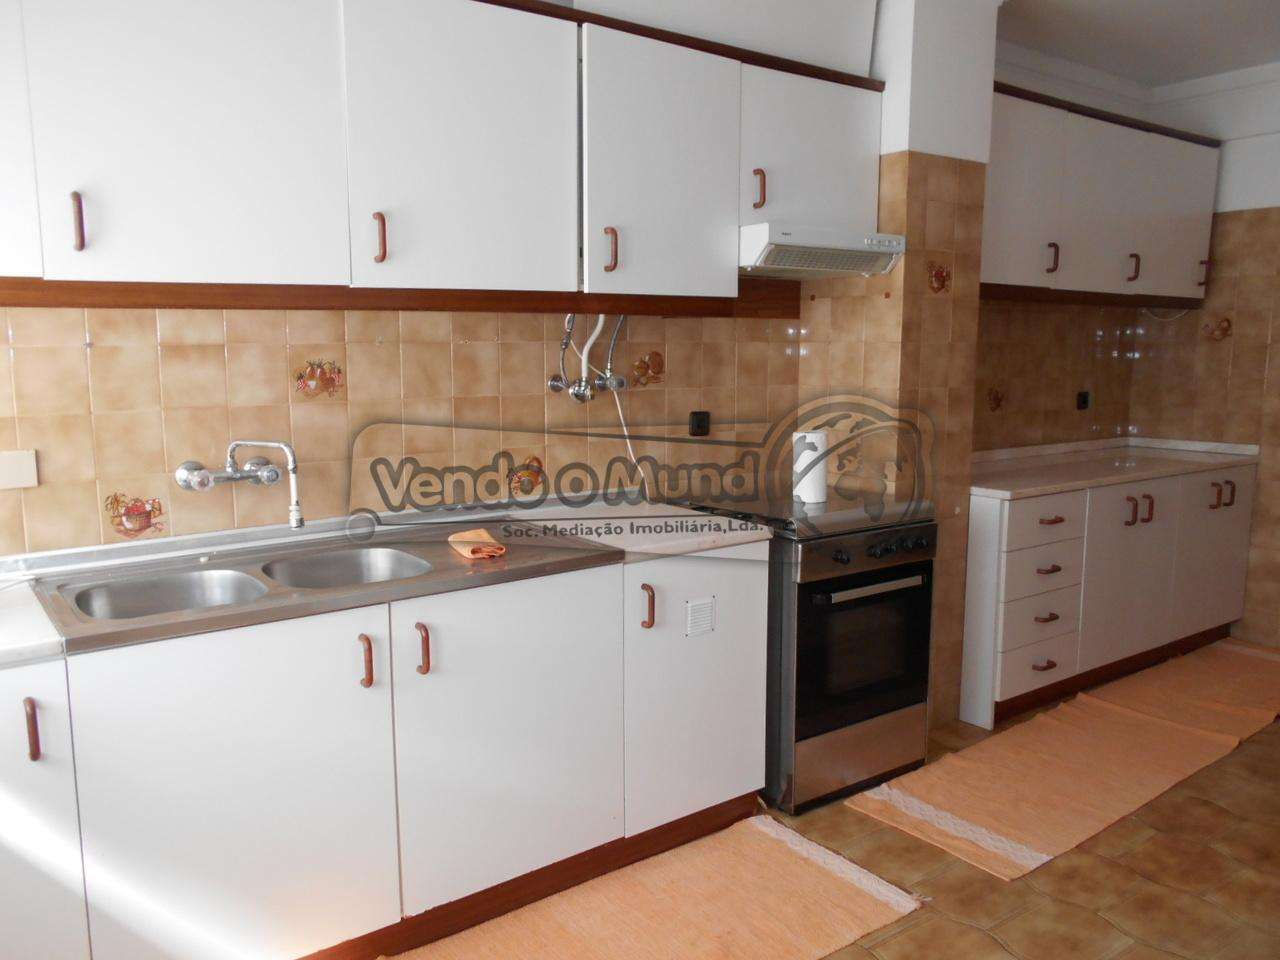 Apartamento para comprar, Samora Correia, Benavente, Santarém - Foto 4